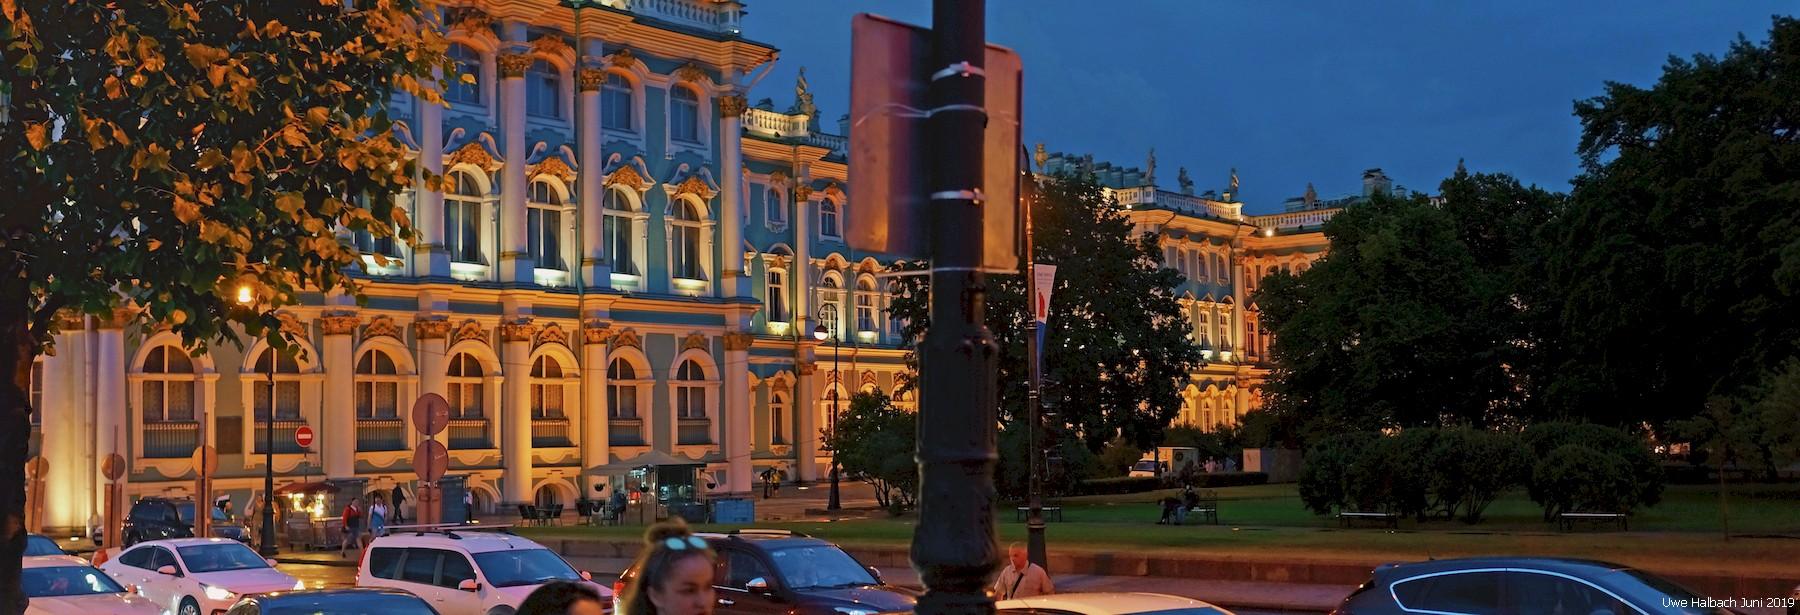 10-Petersburg-abends-1800